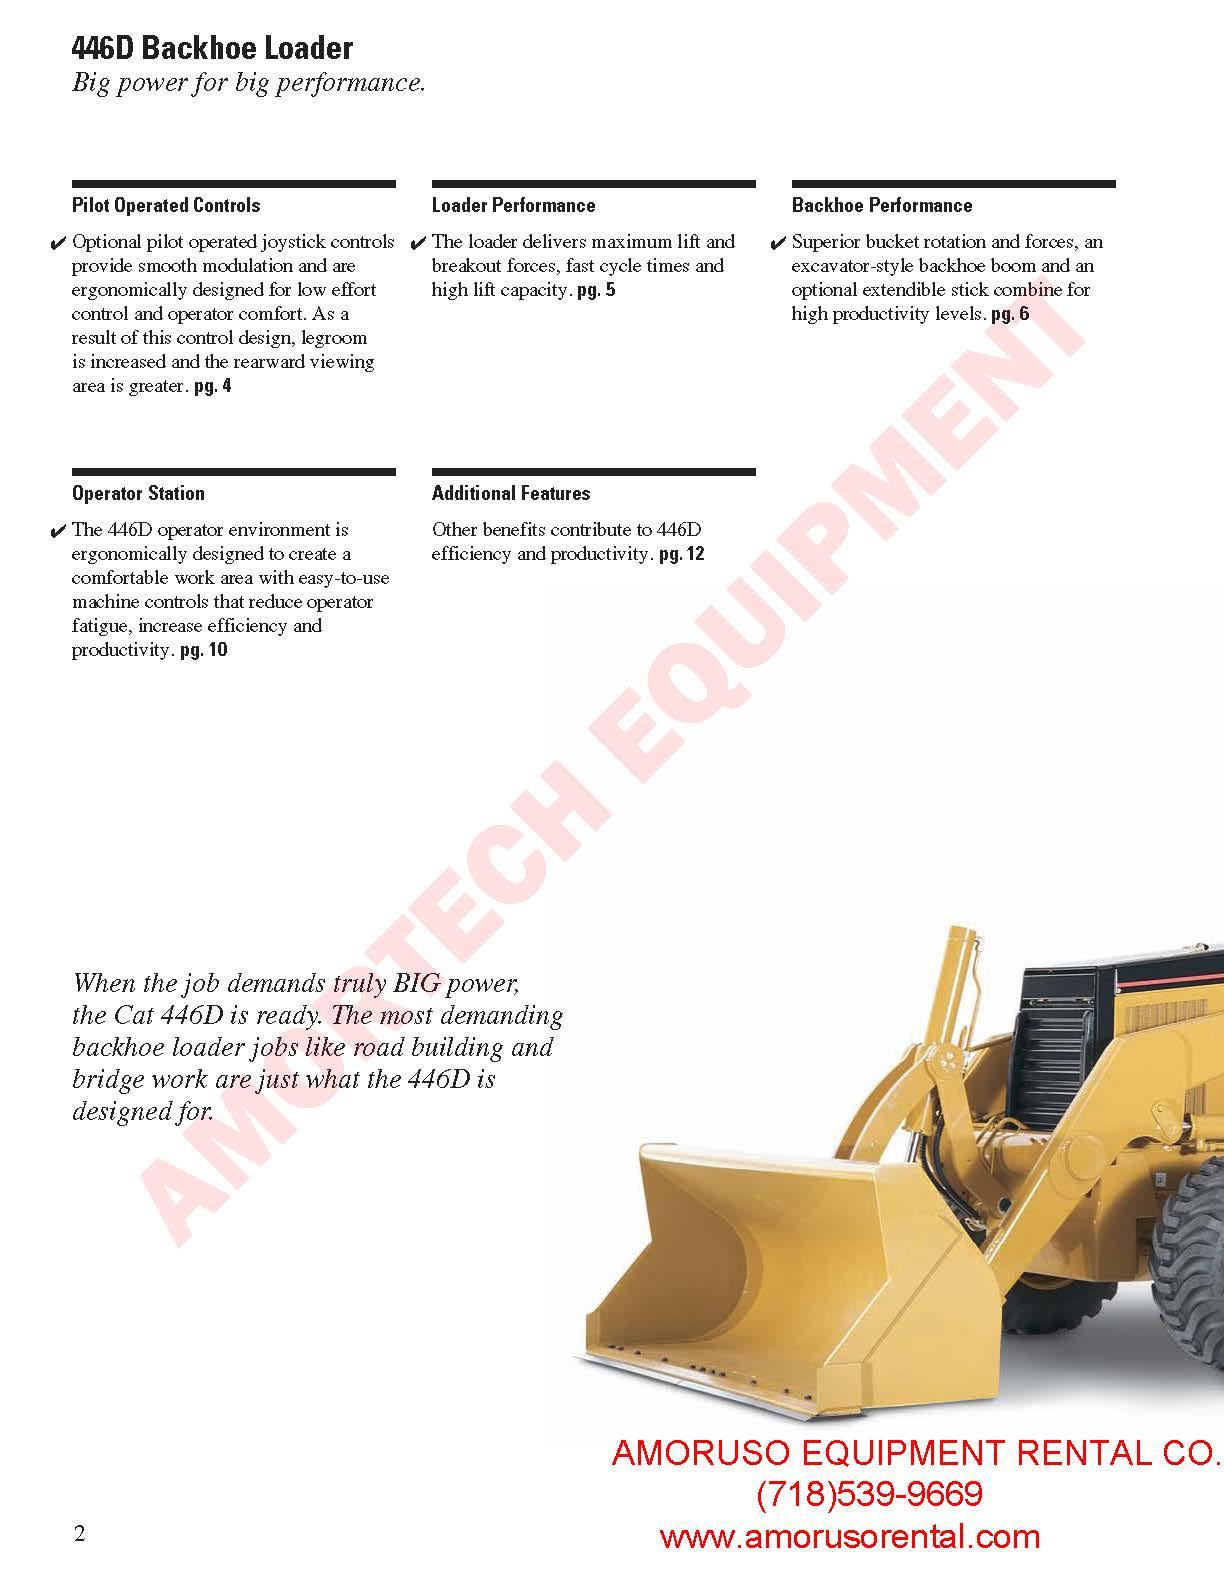 CAT 446B 4WD Loader/Backhoe 102hp / 19603 48lb